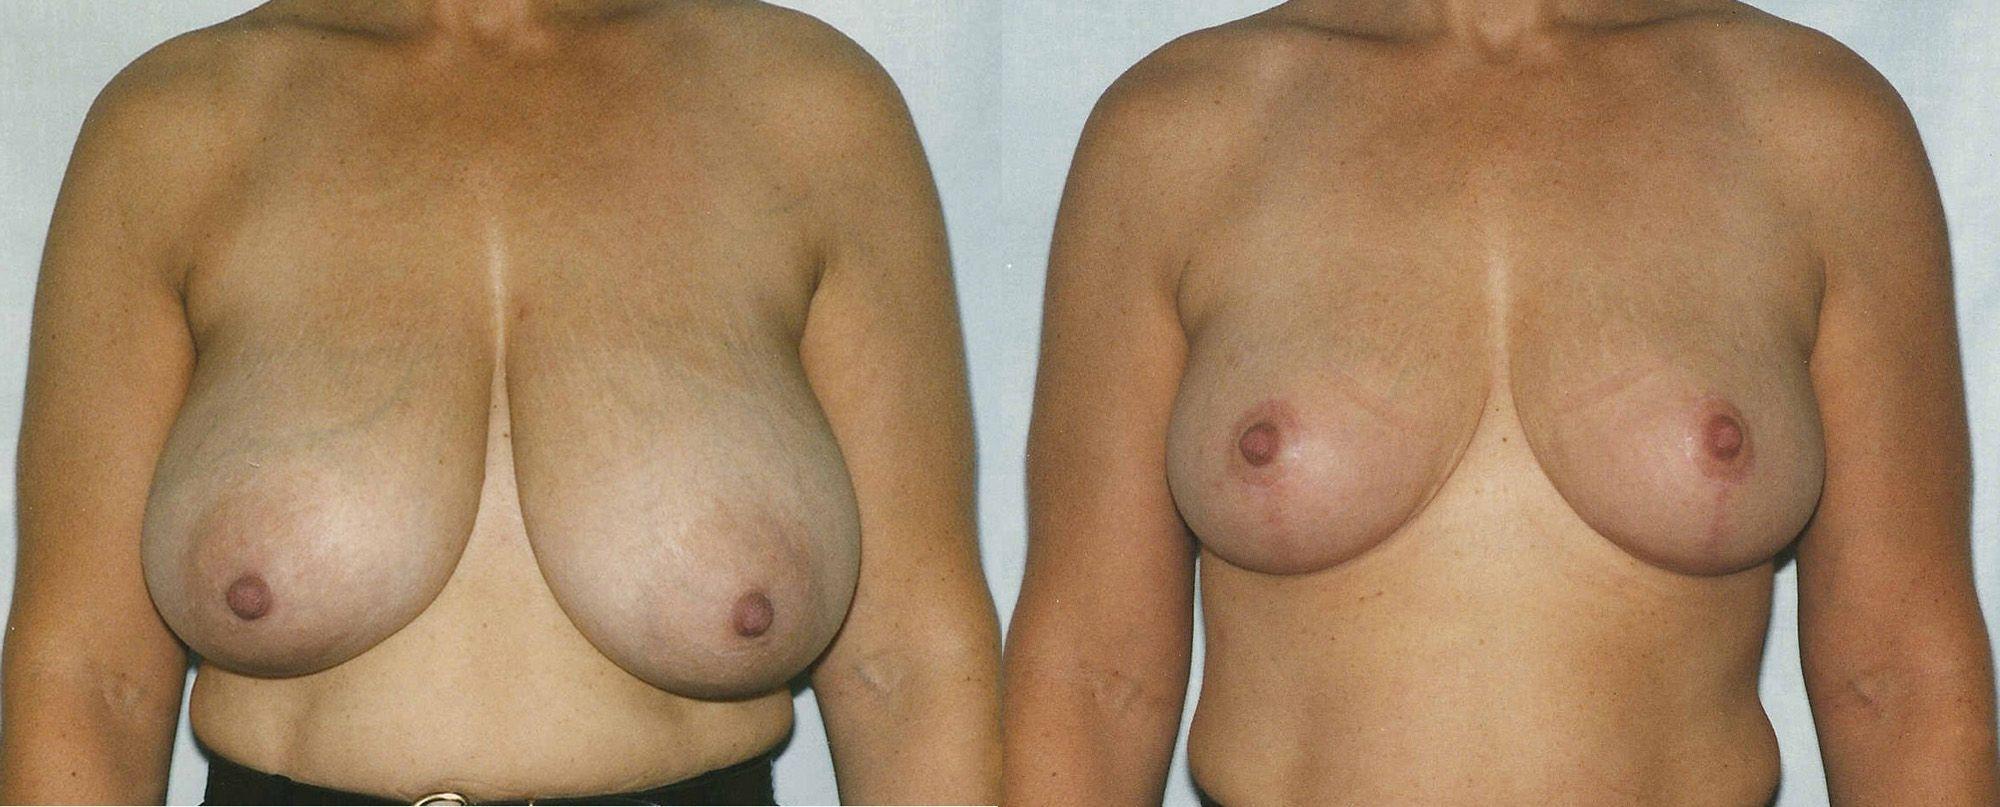 Reducció de mames - Foto 4